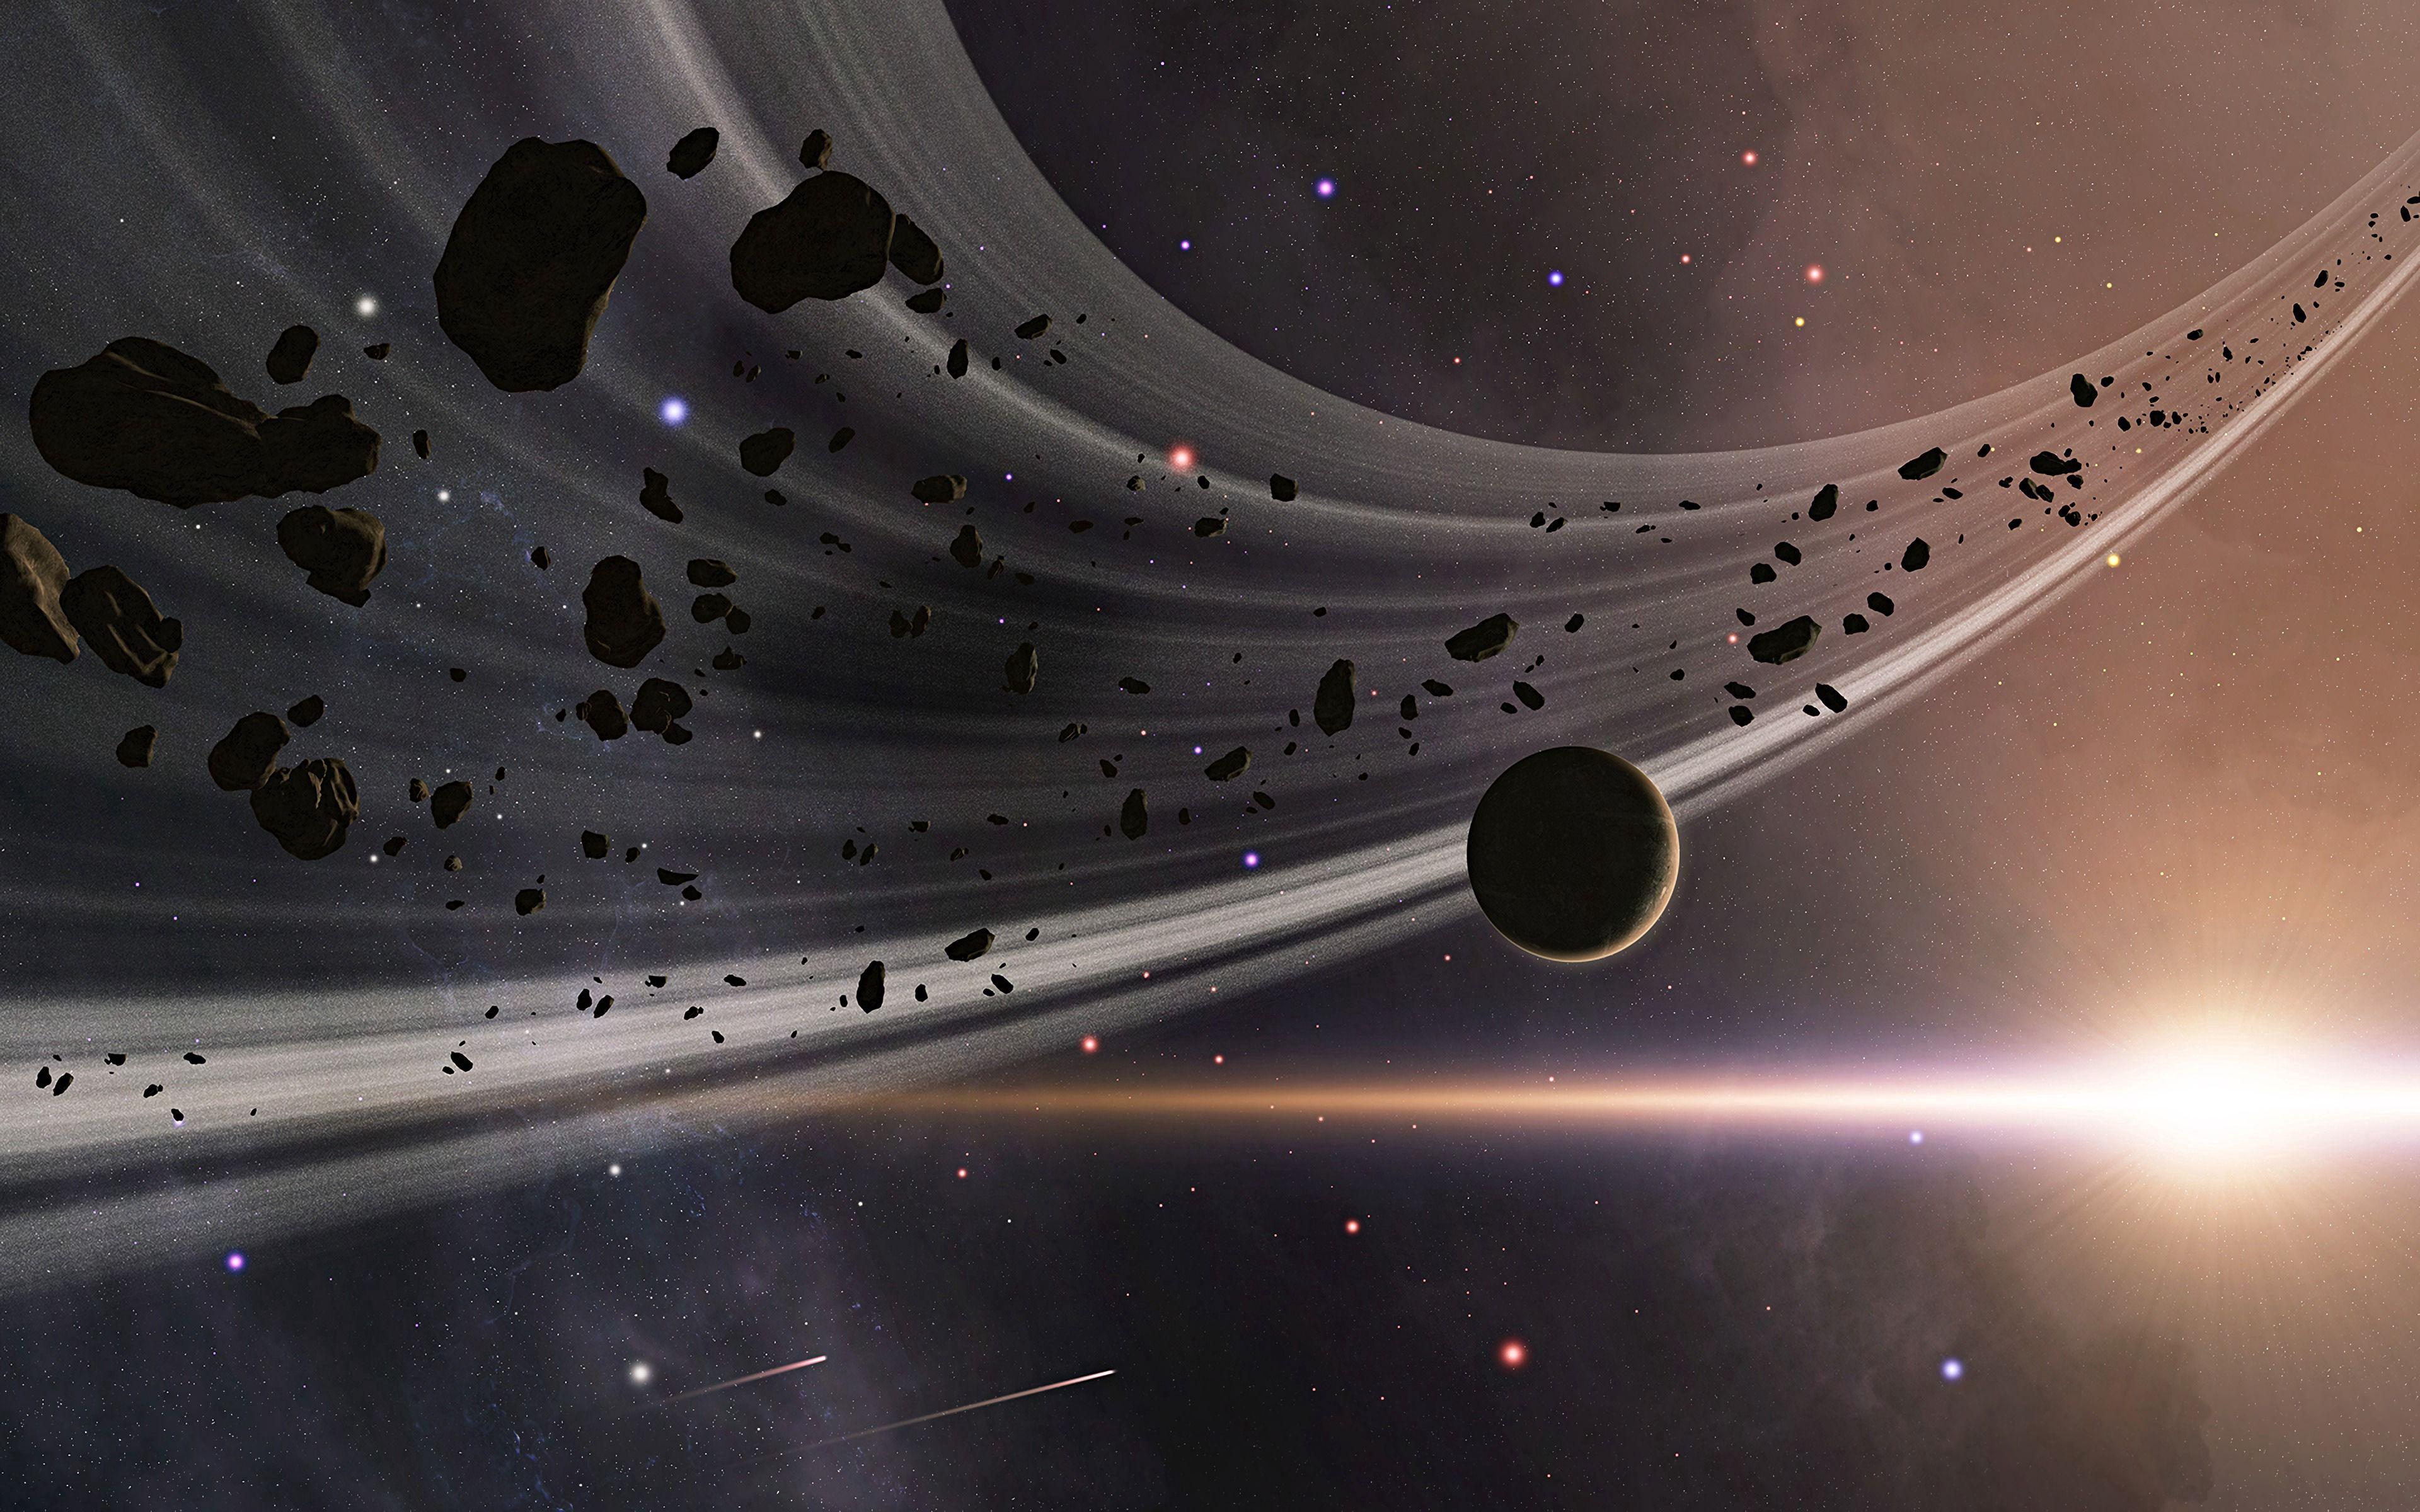 70472 Hintergrundbild herunterladen Universum, Sterne, Blitz, Planet, Planeten, Asteroiden - Bildschirmschoner und Bilder kostenlos